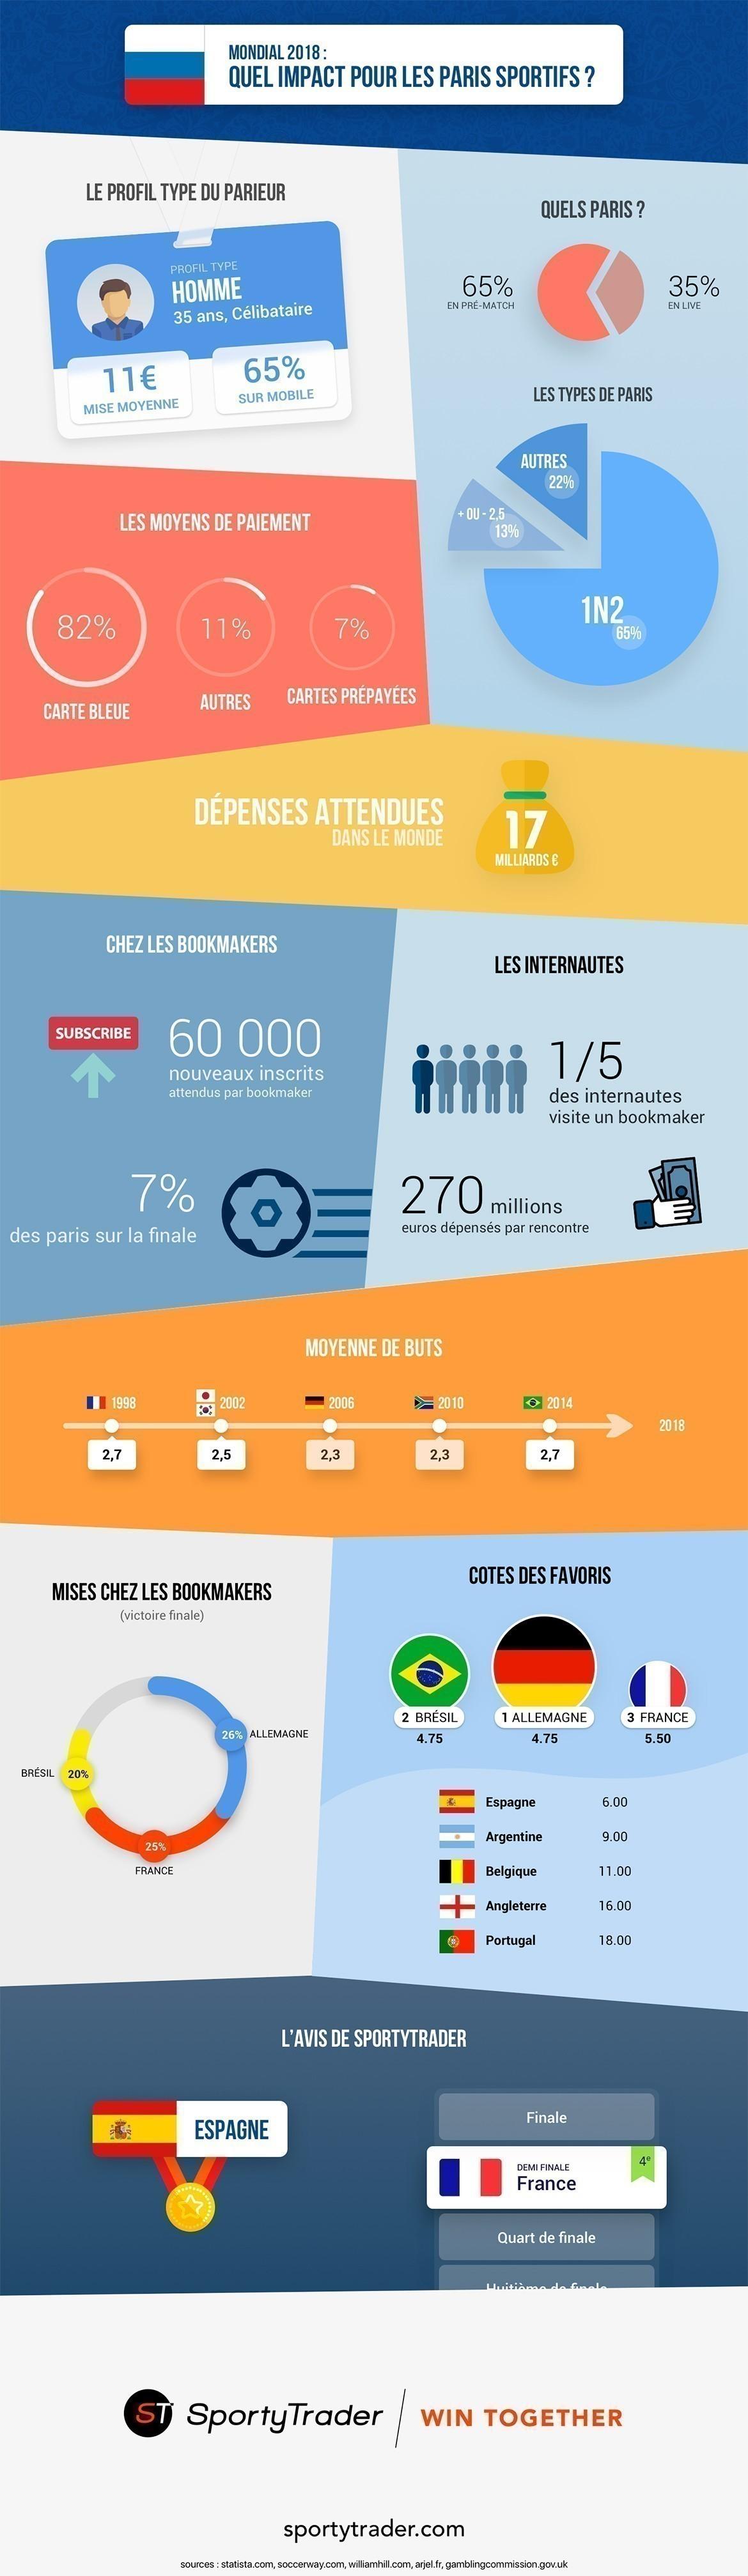 Coupe du Monde - Infographie et pronostic